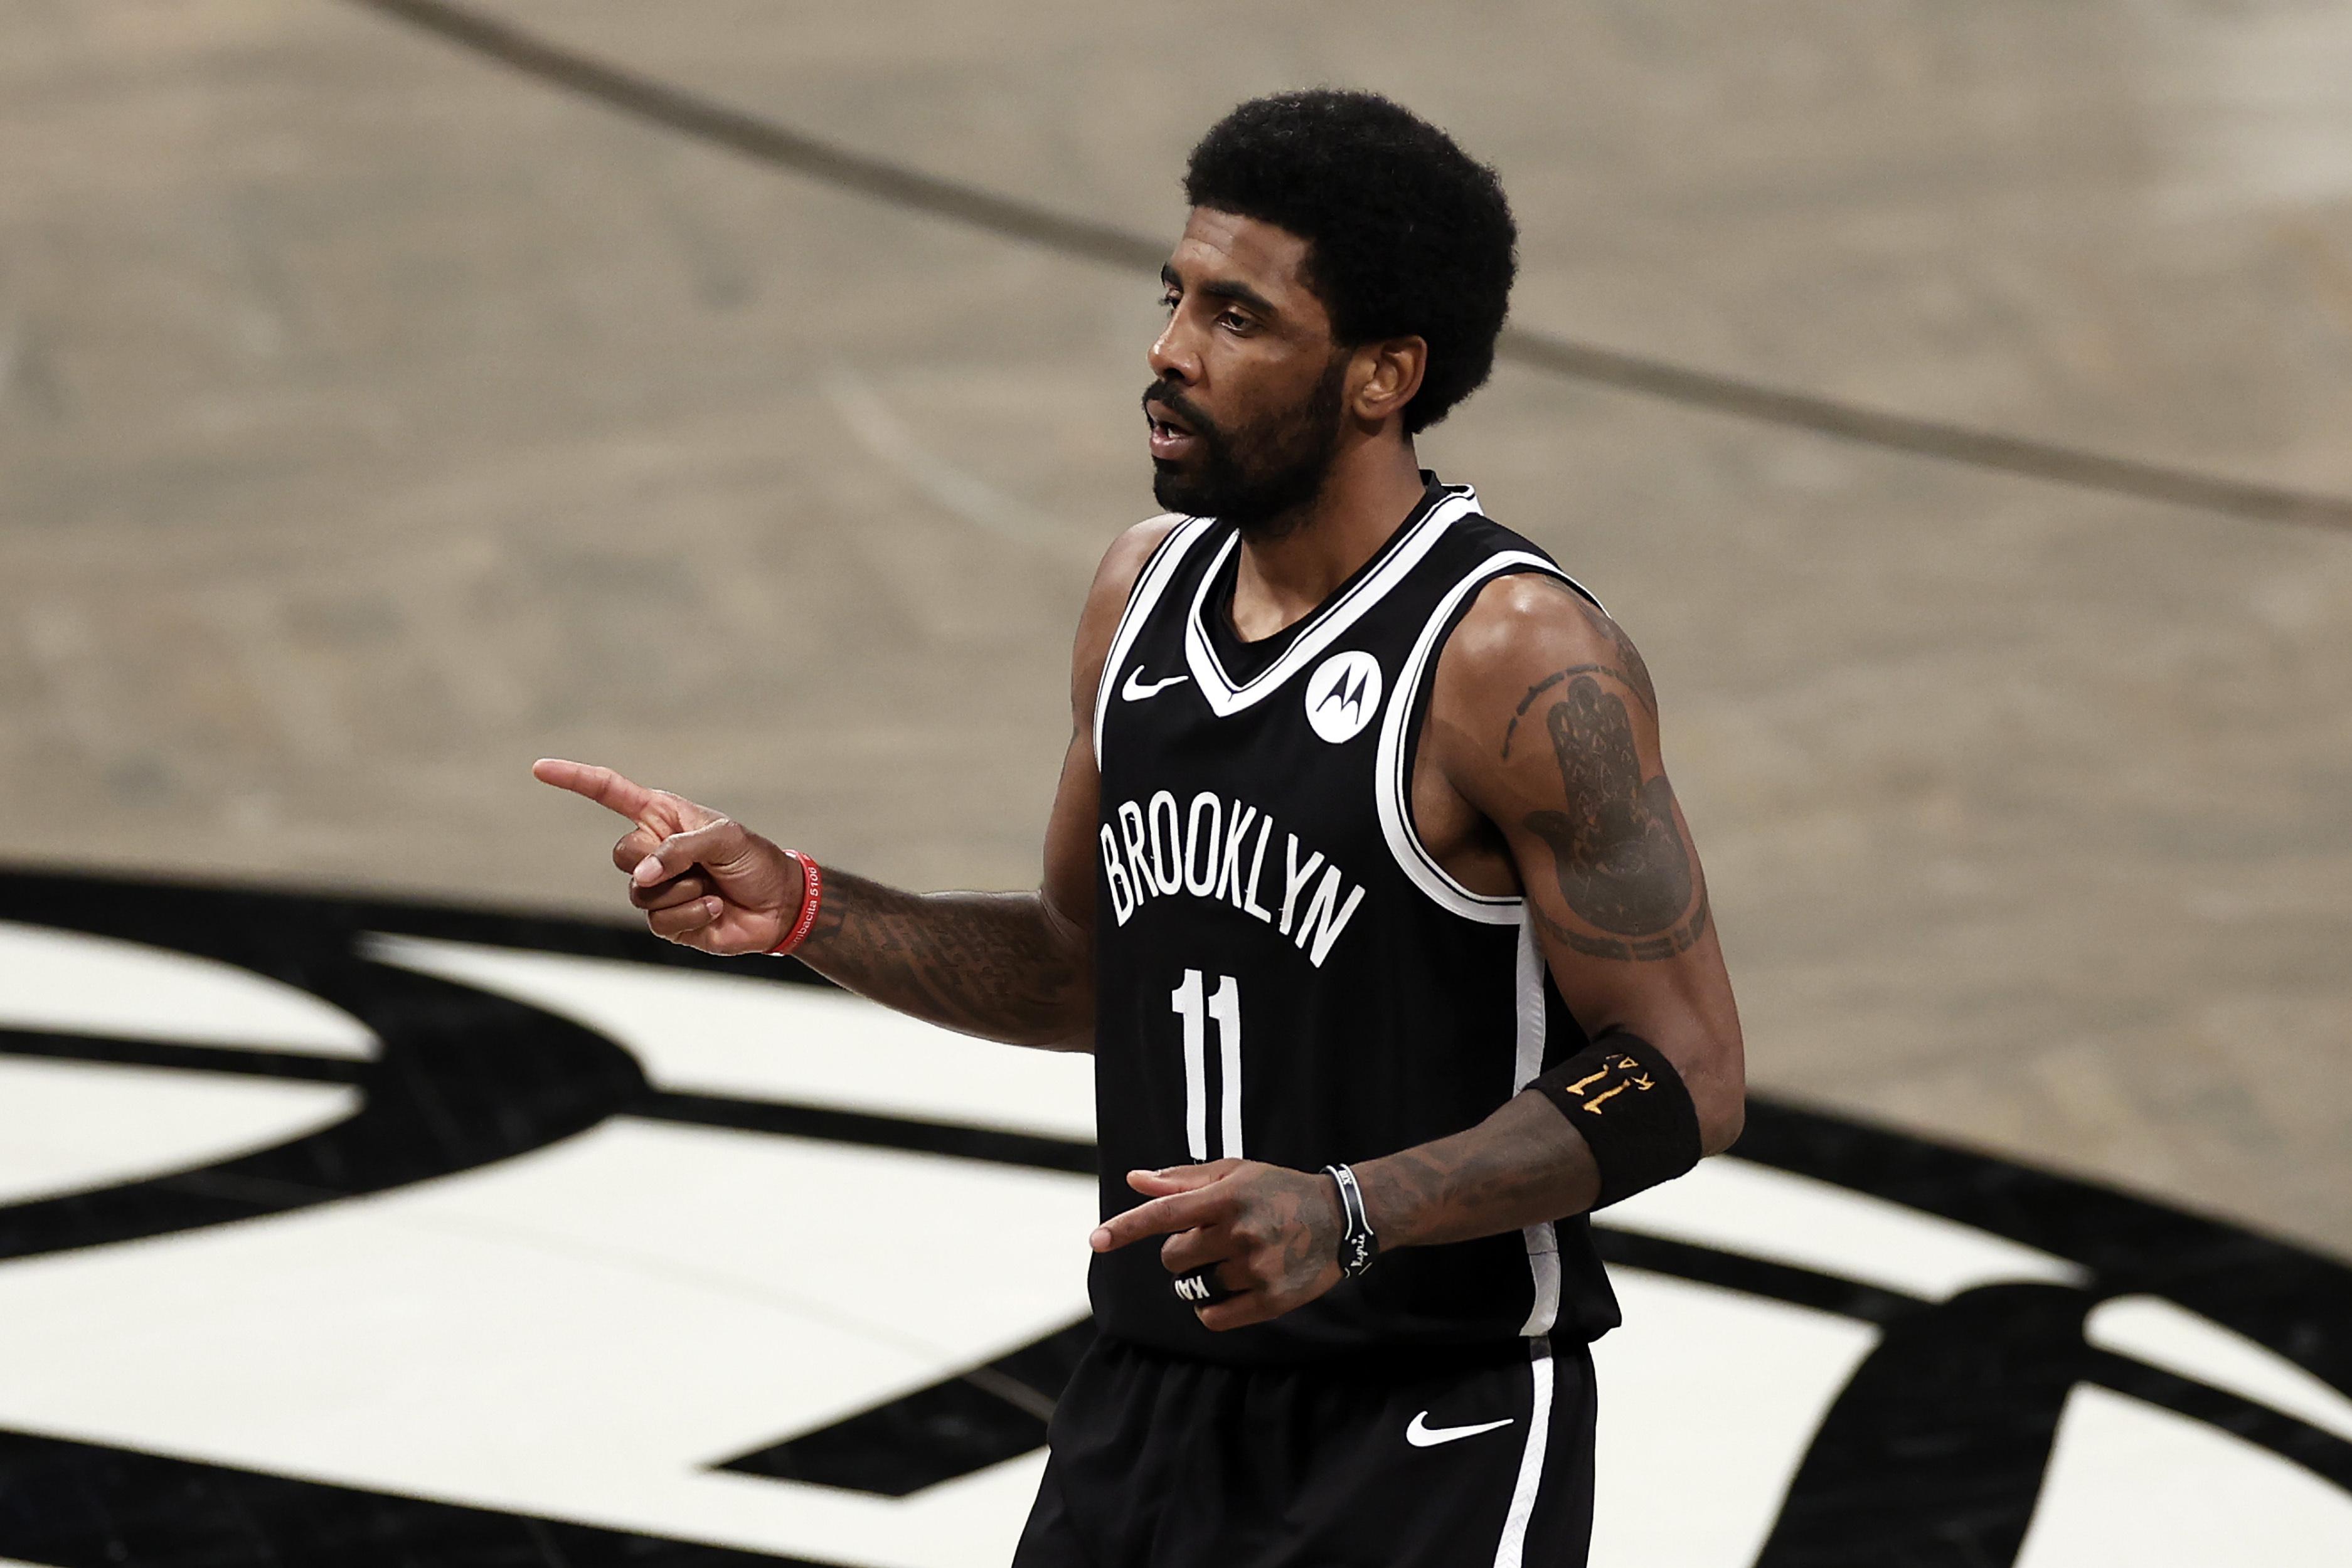 <p>Kyrie Irving: Bruce Brown Doesn't Deserve Blame for Nets' Game 3 Loss vs. Bucks thumbnail